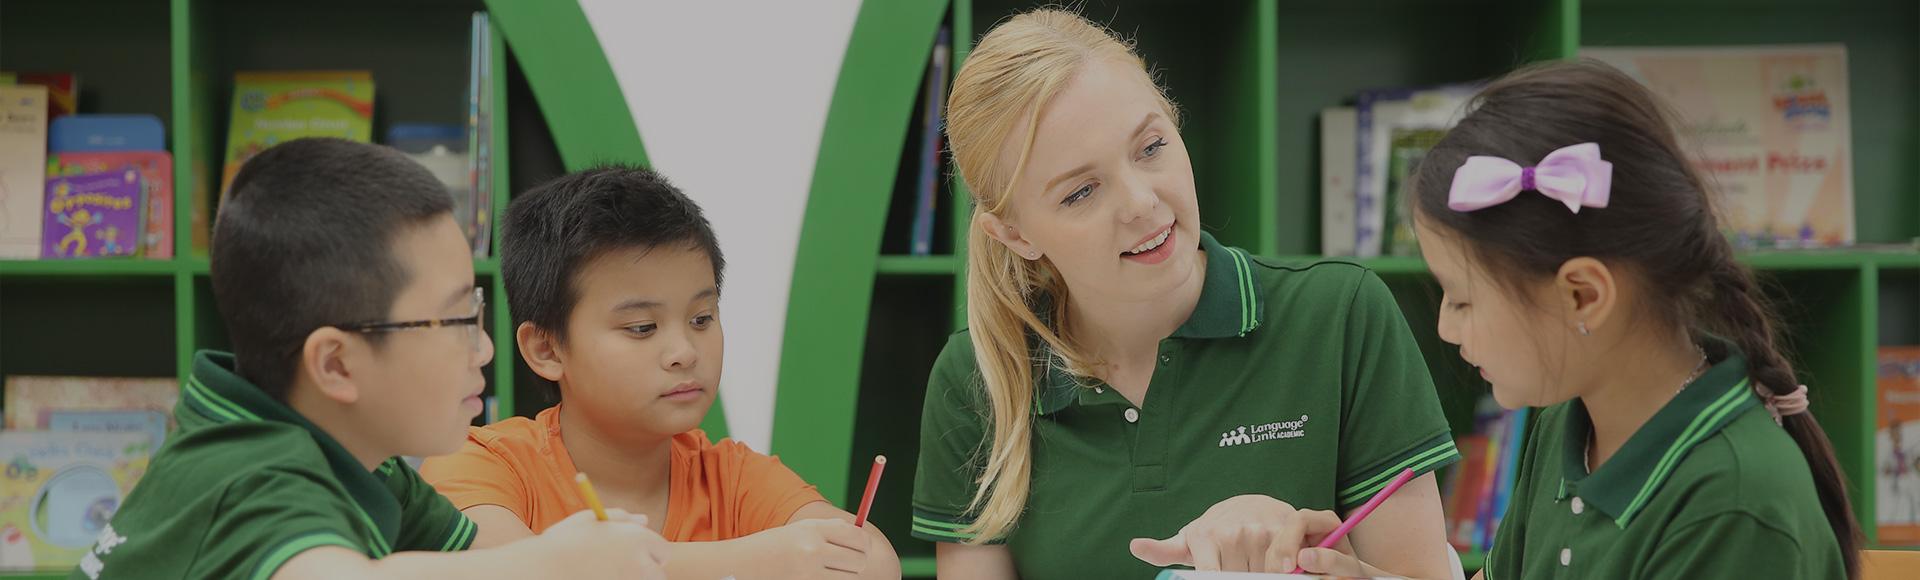 Language Link Việt Nam - Tập đoàn giáo dục đến từ Anh Quốc